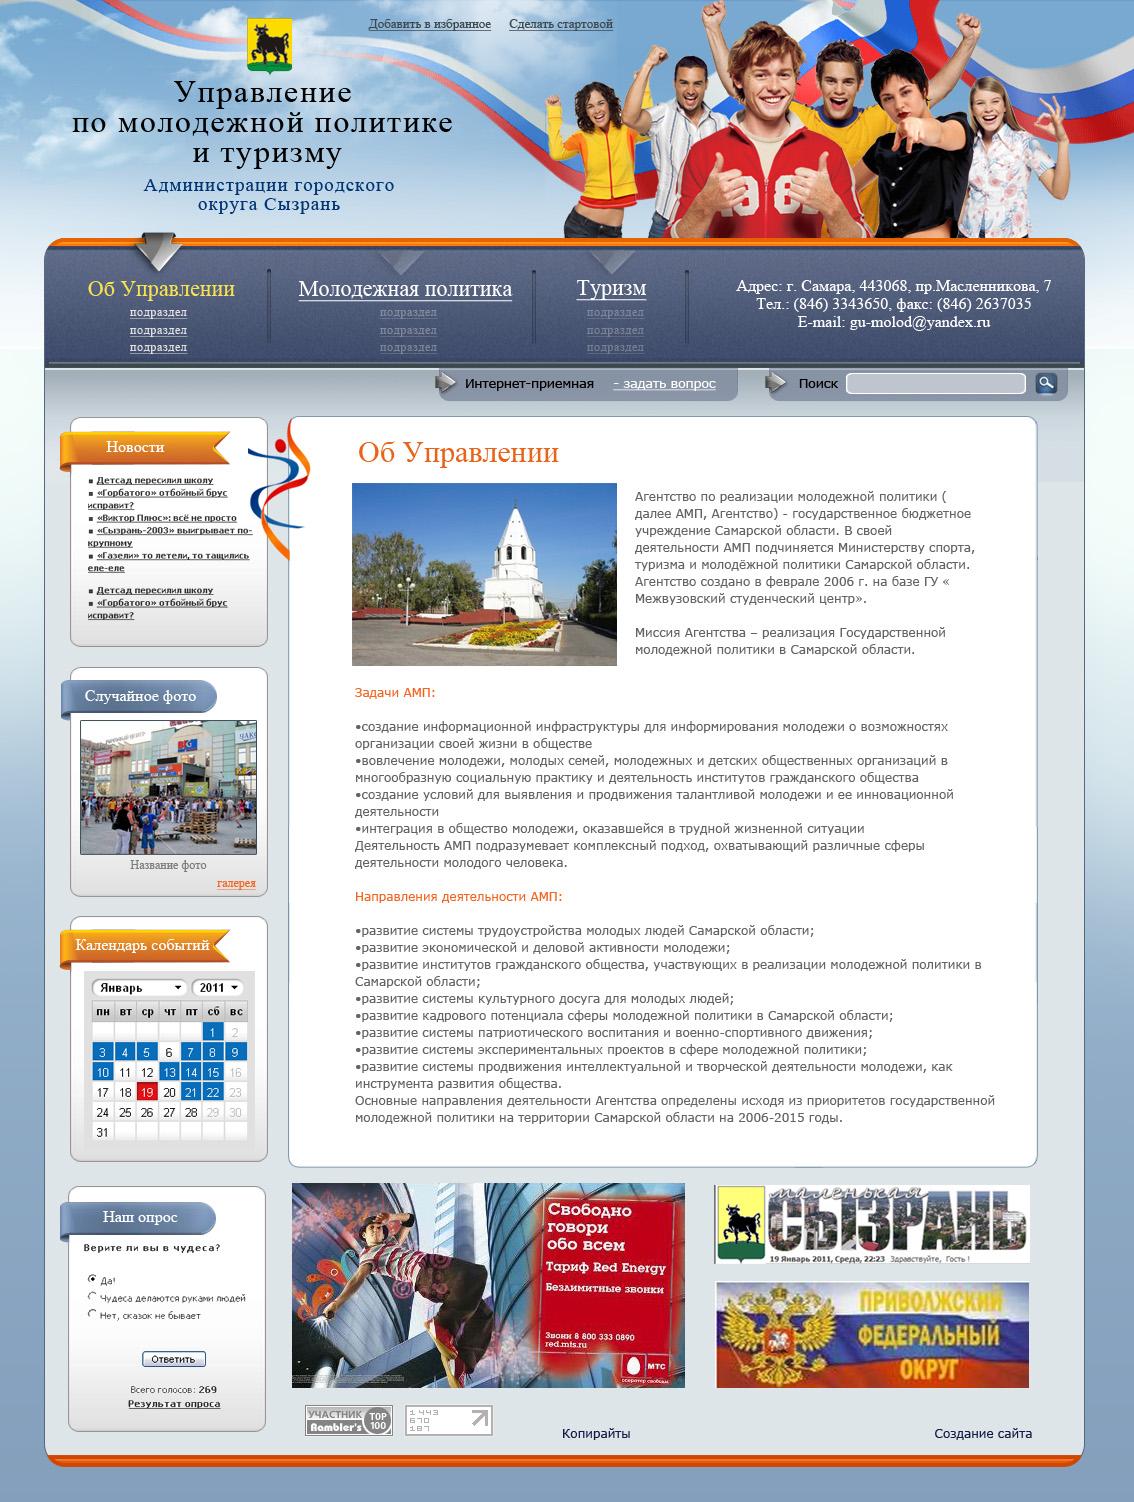 Дизайн сайта Управления молодежной политики